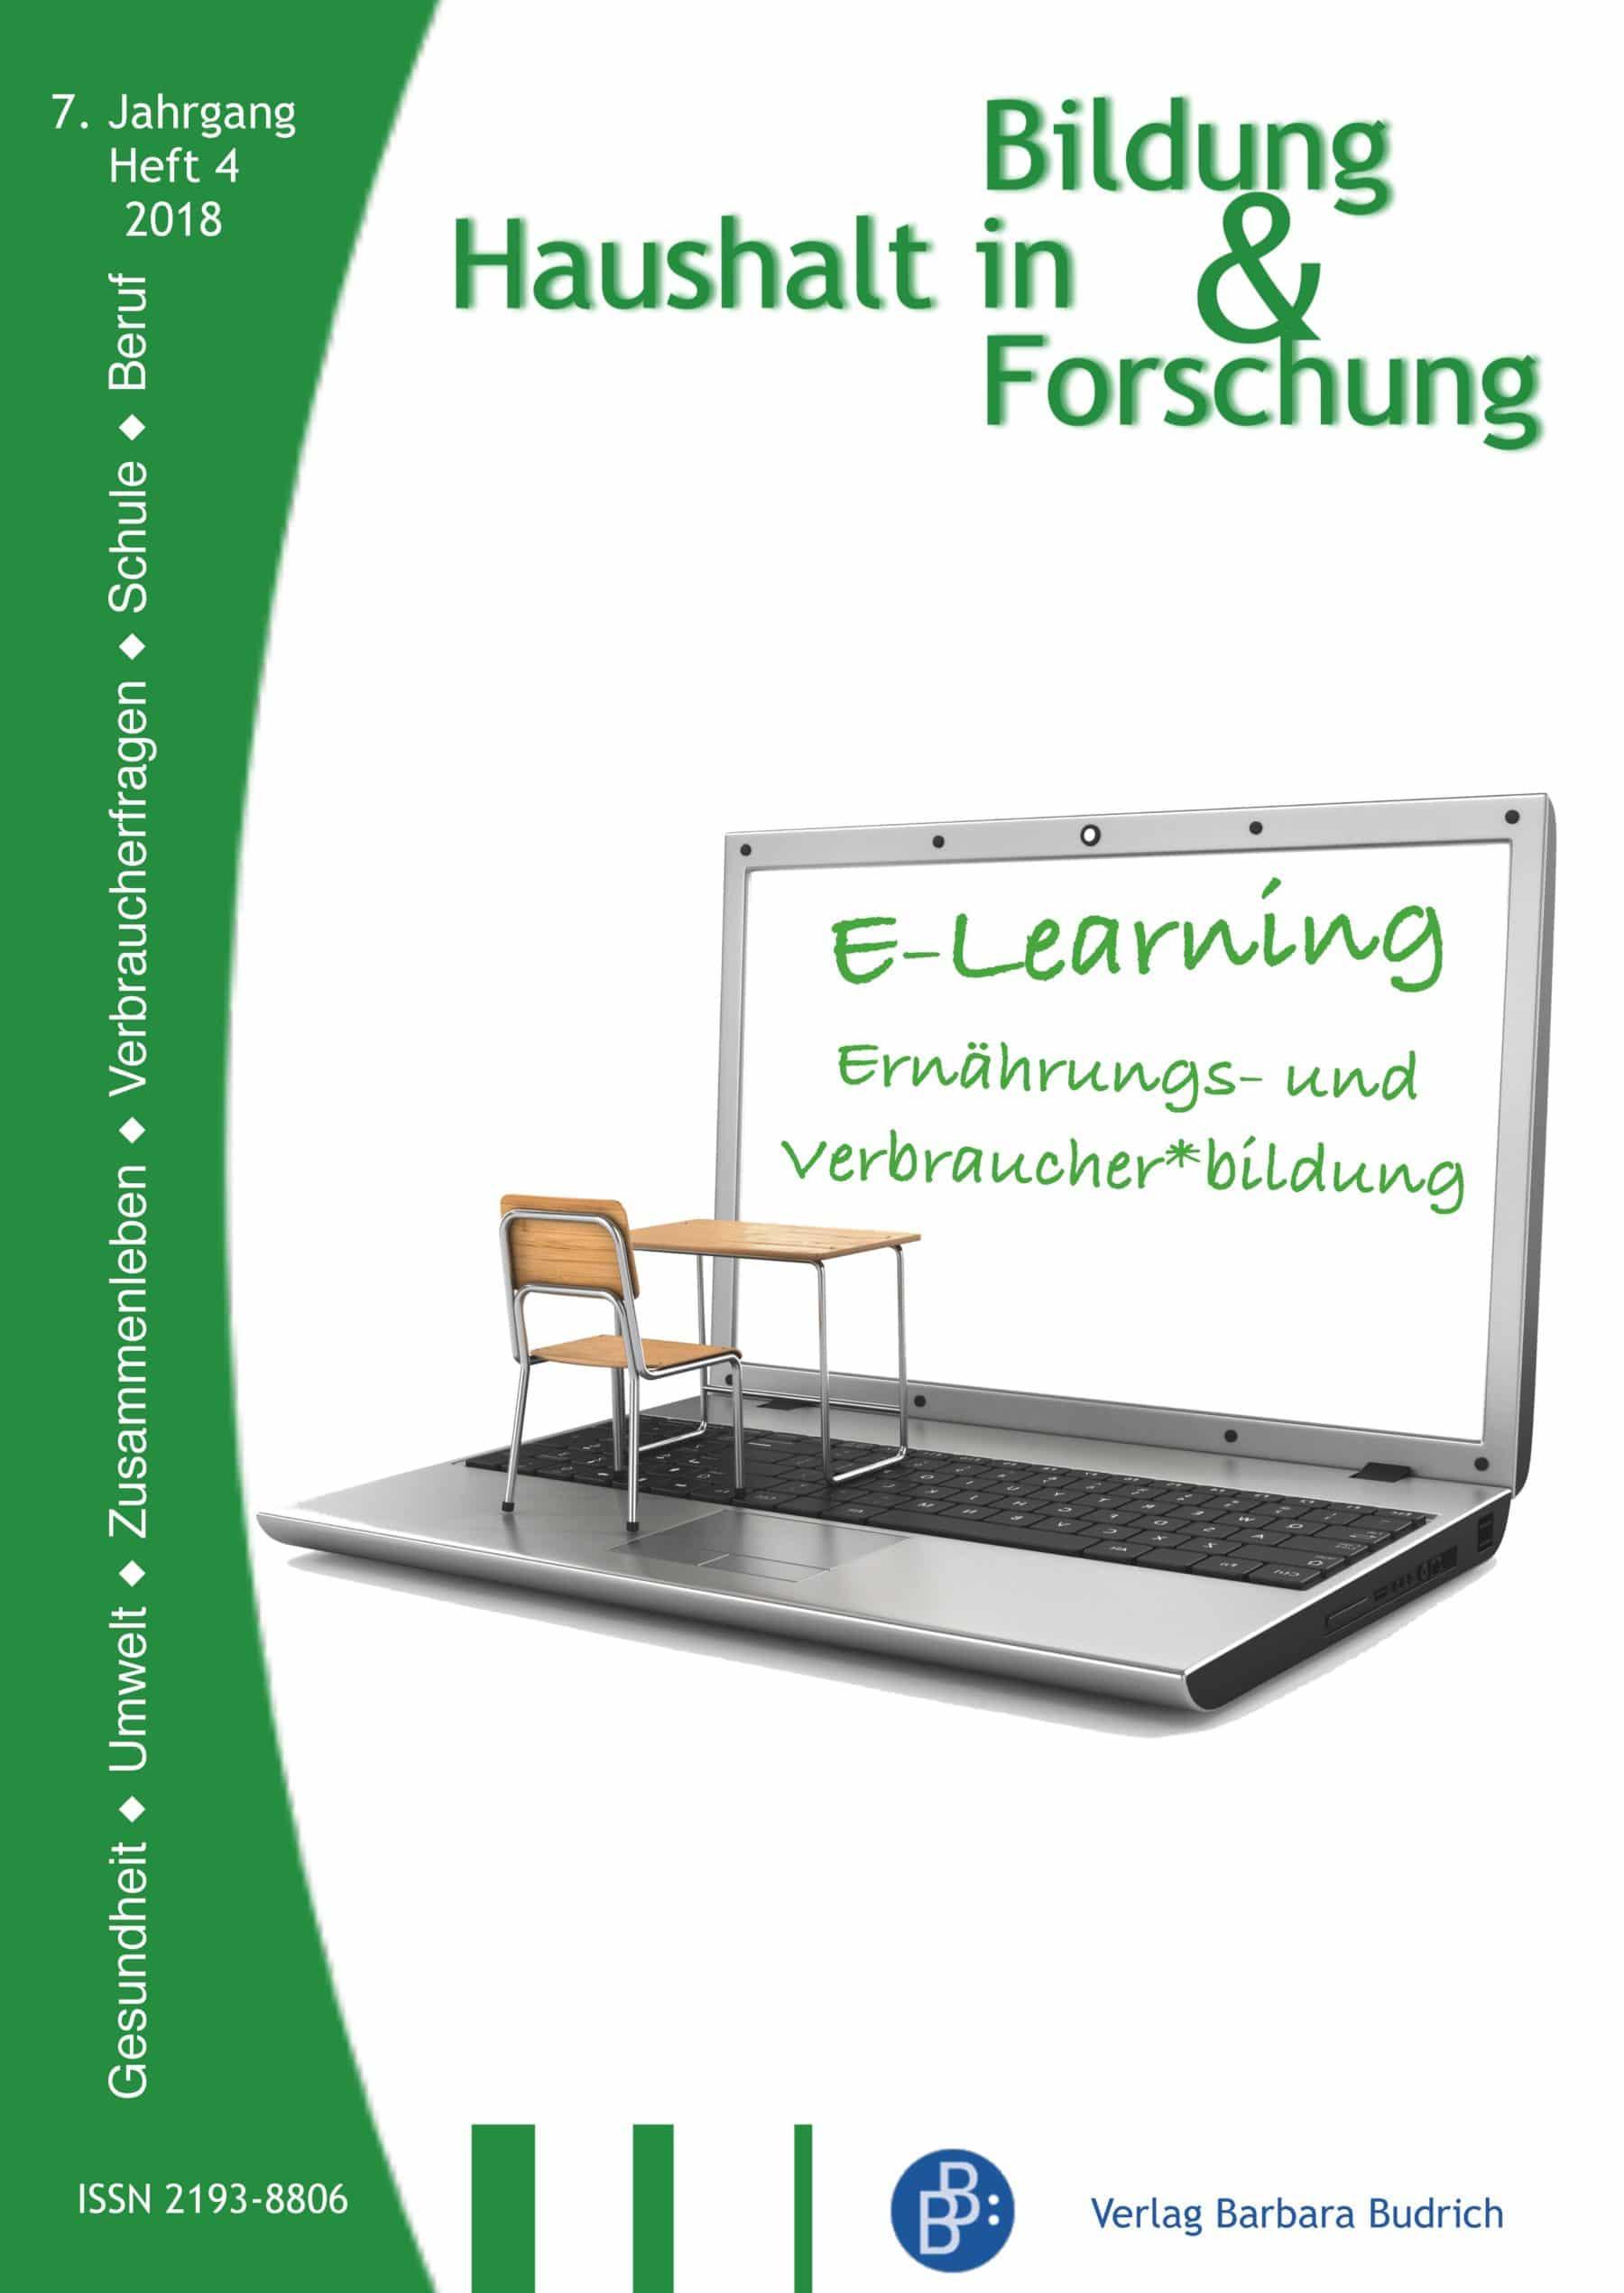 HiBiFo – Haushalt in Bildung & Forschung 4-2018: E-Learning. Ernährungs- und Verbraucher*bildung